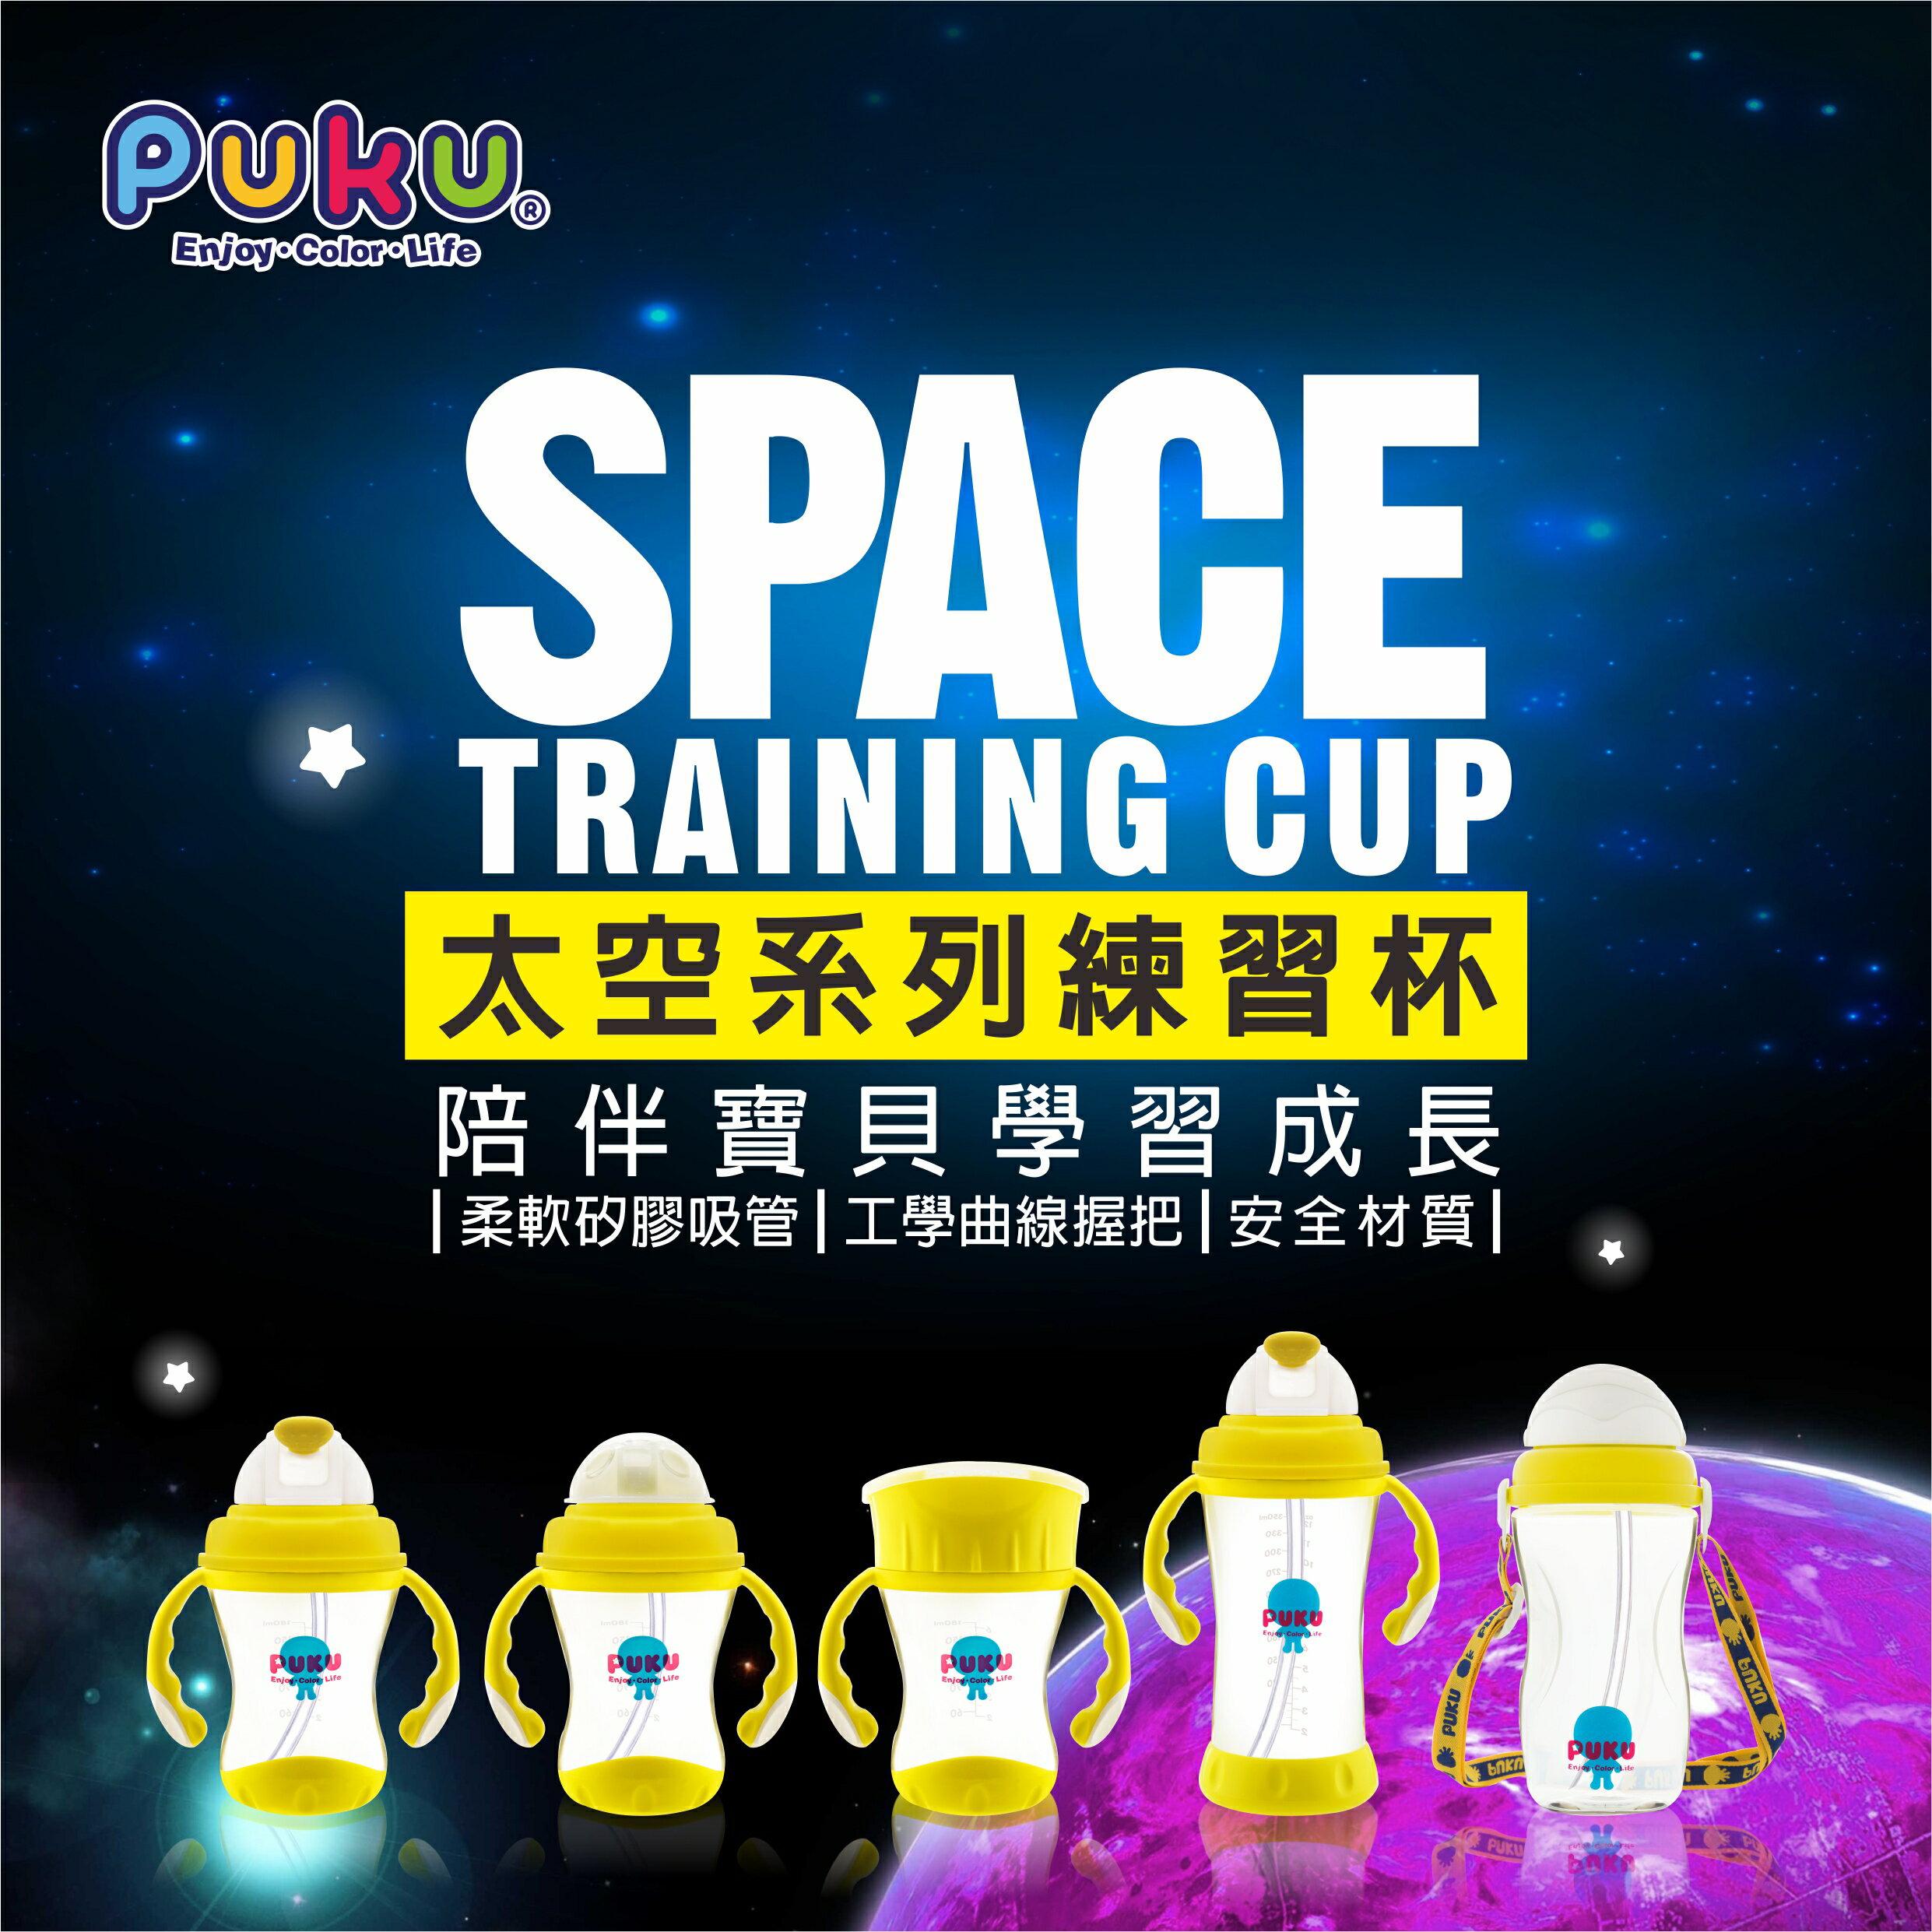 『121婦嬰用品館』PUKU 太空滑蓋吸管練習杯180ml 2